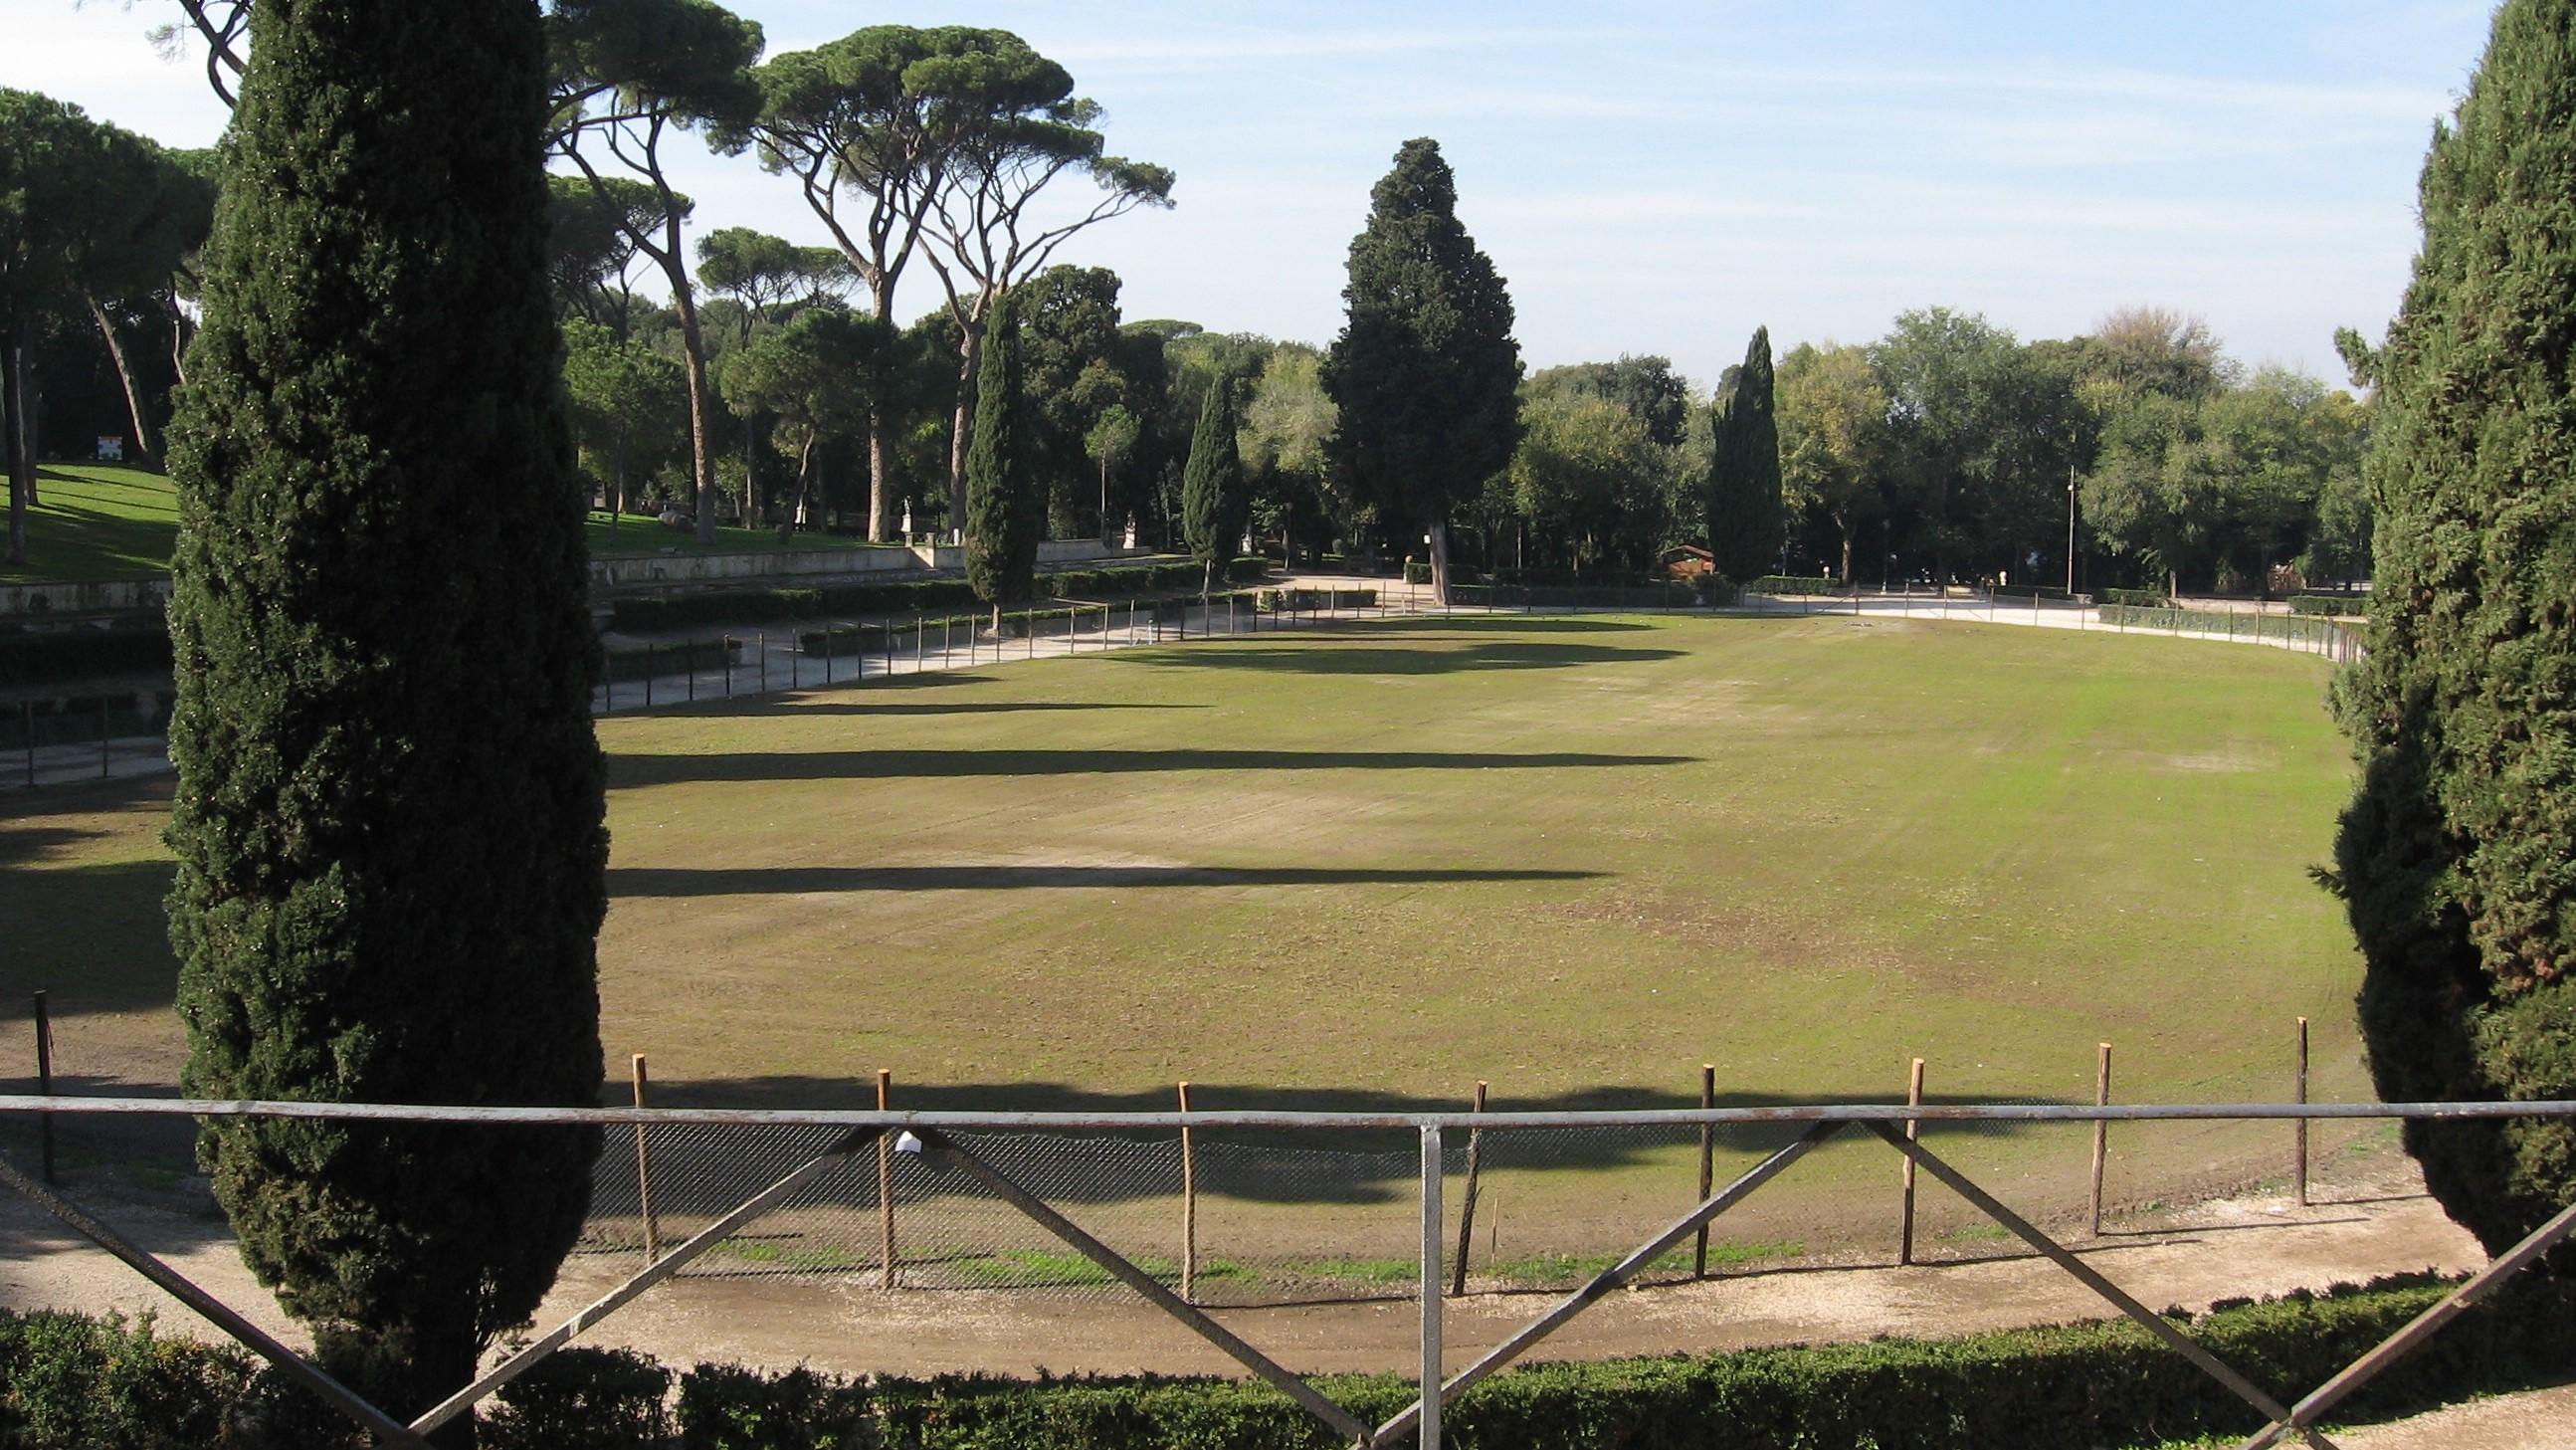 Villa Borghese, turista tedesca violentata e legata nuda a un palo